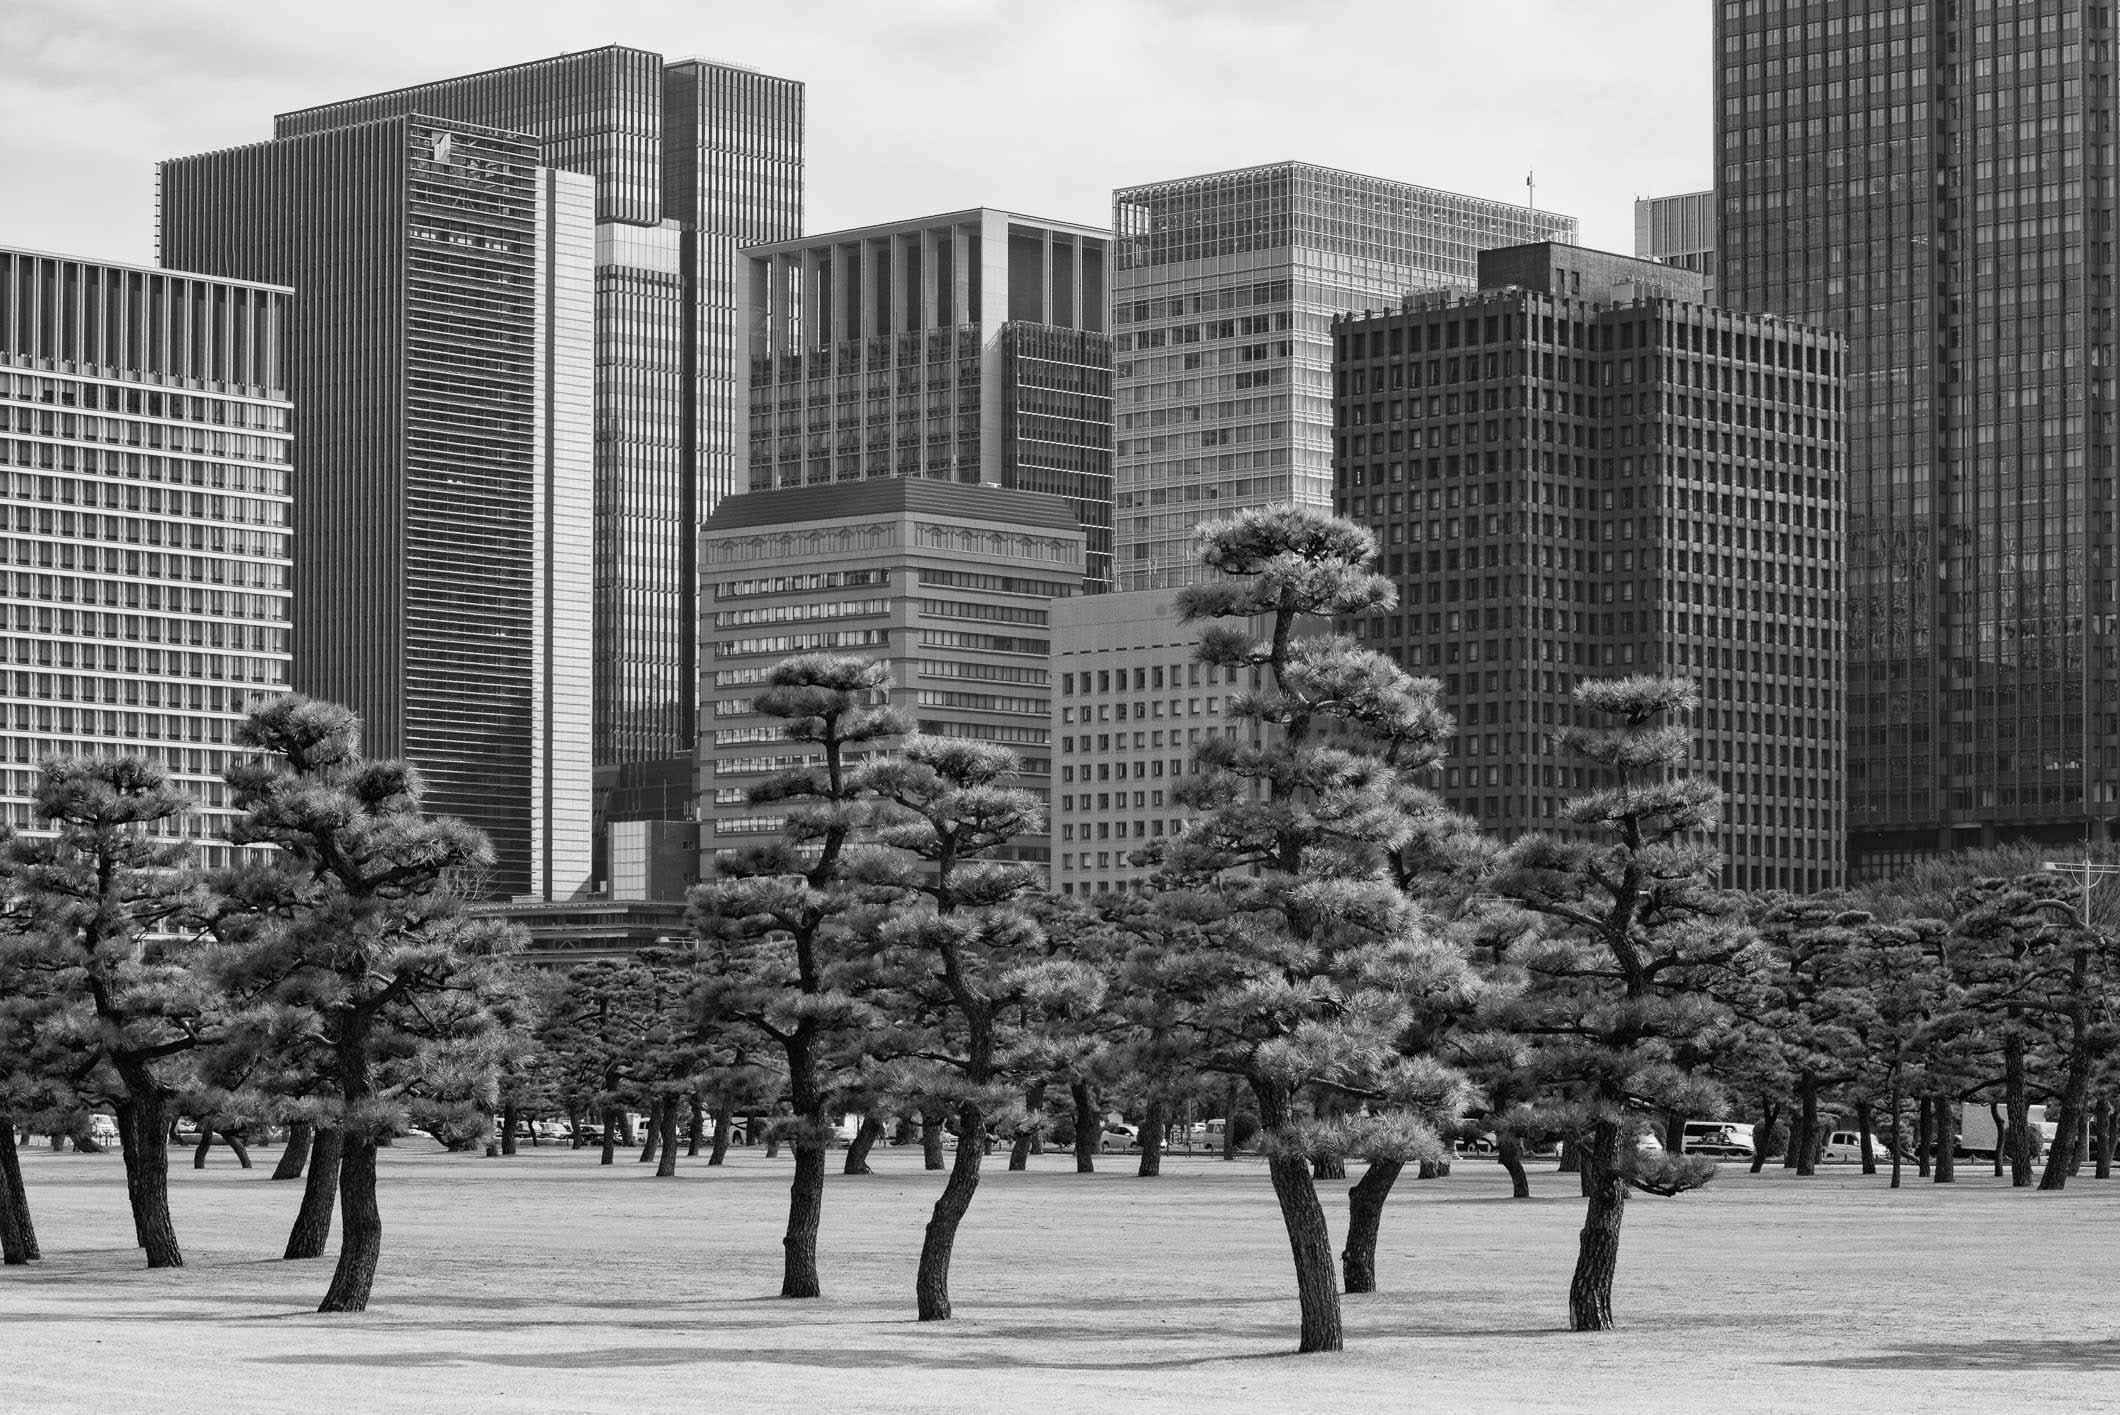 VIAGGIO IN GIAPPONE – TOKYO GINZA #2